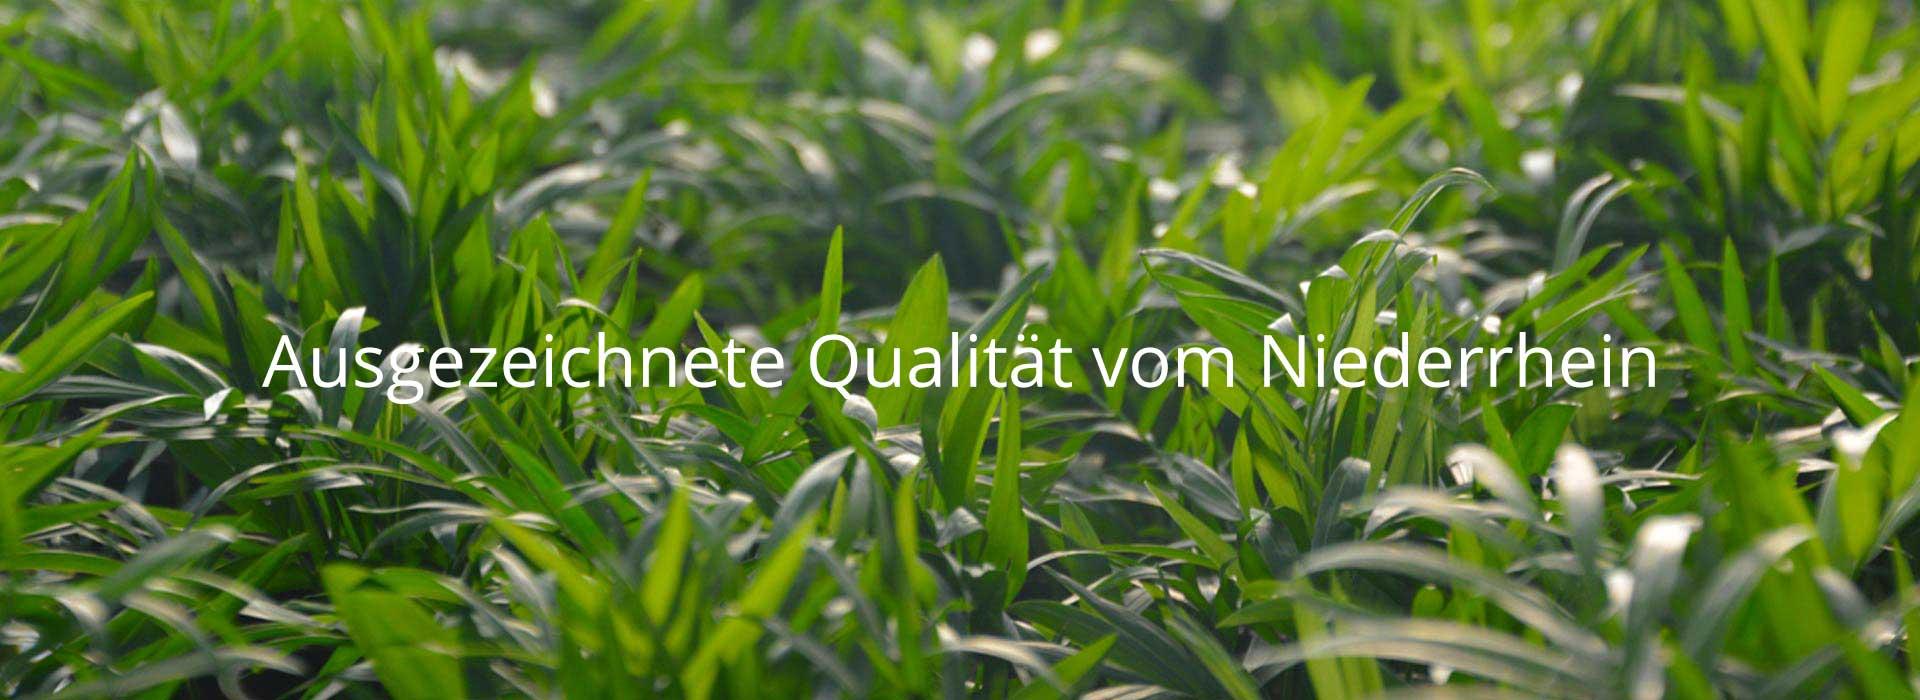 Ausgezeichnete Pflanzenqualität vom Niederrhein